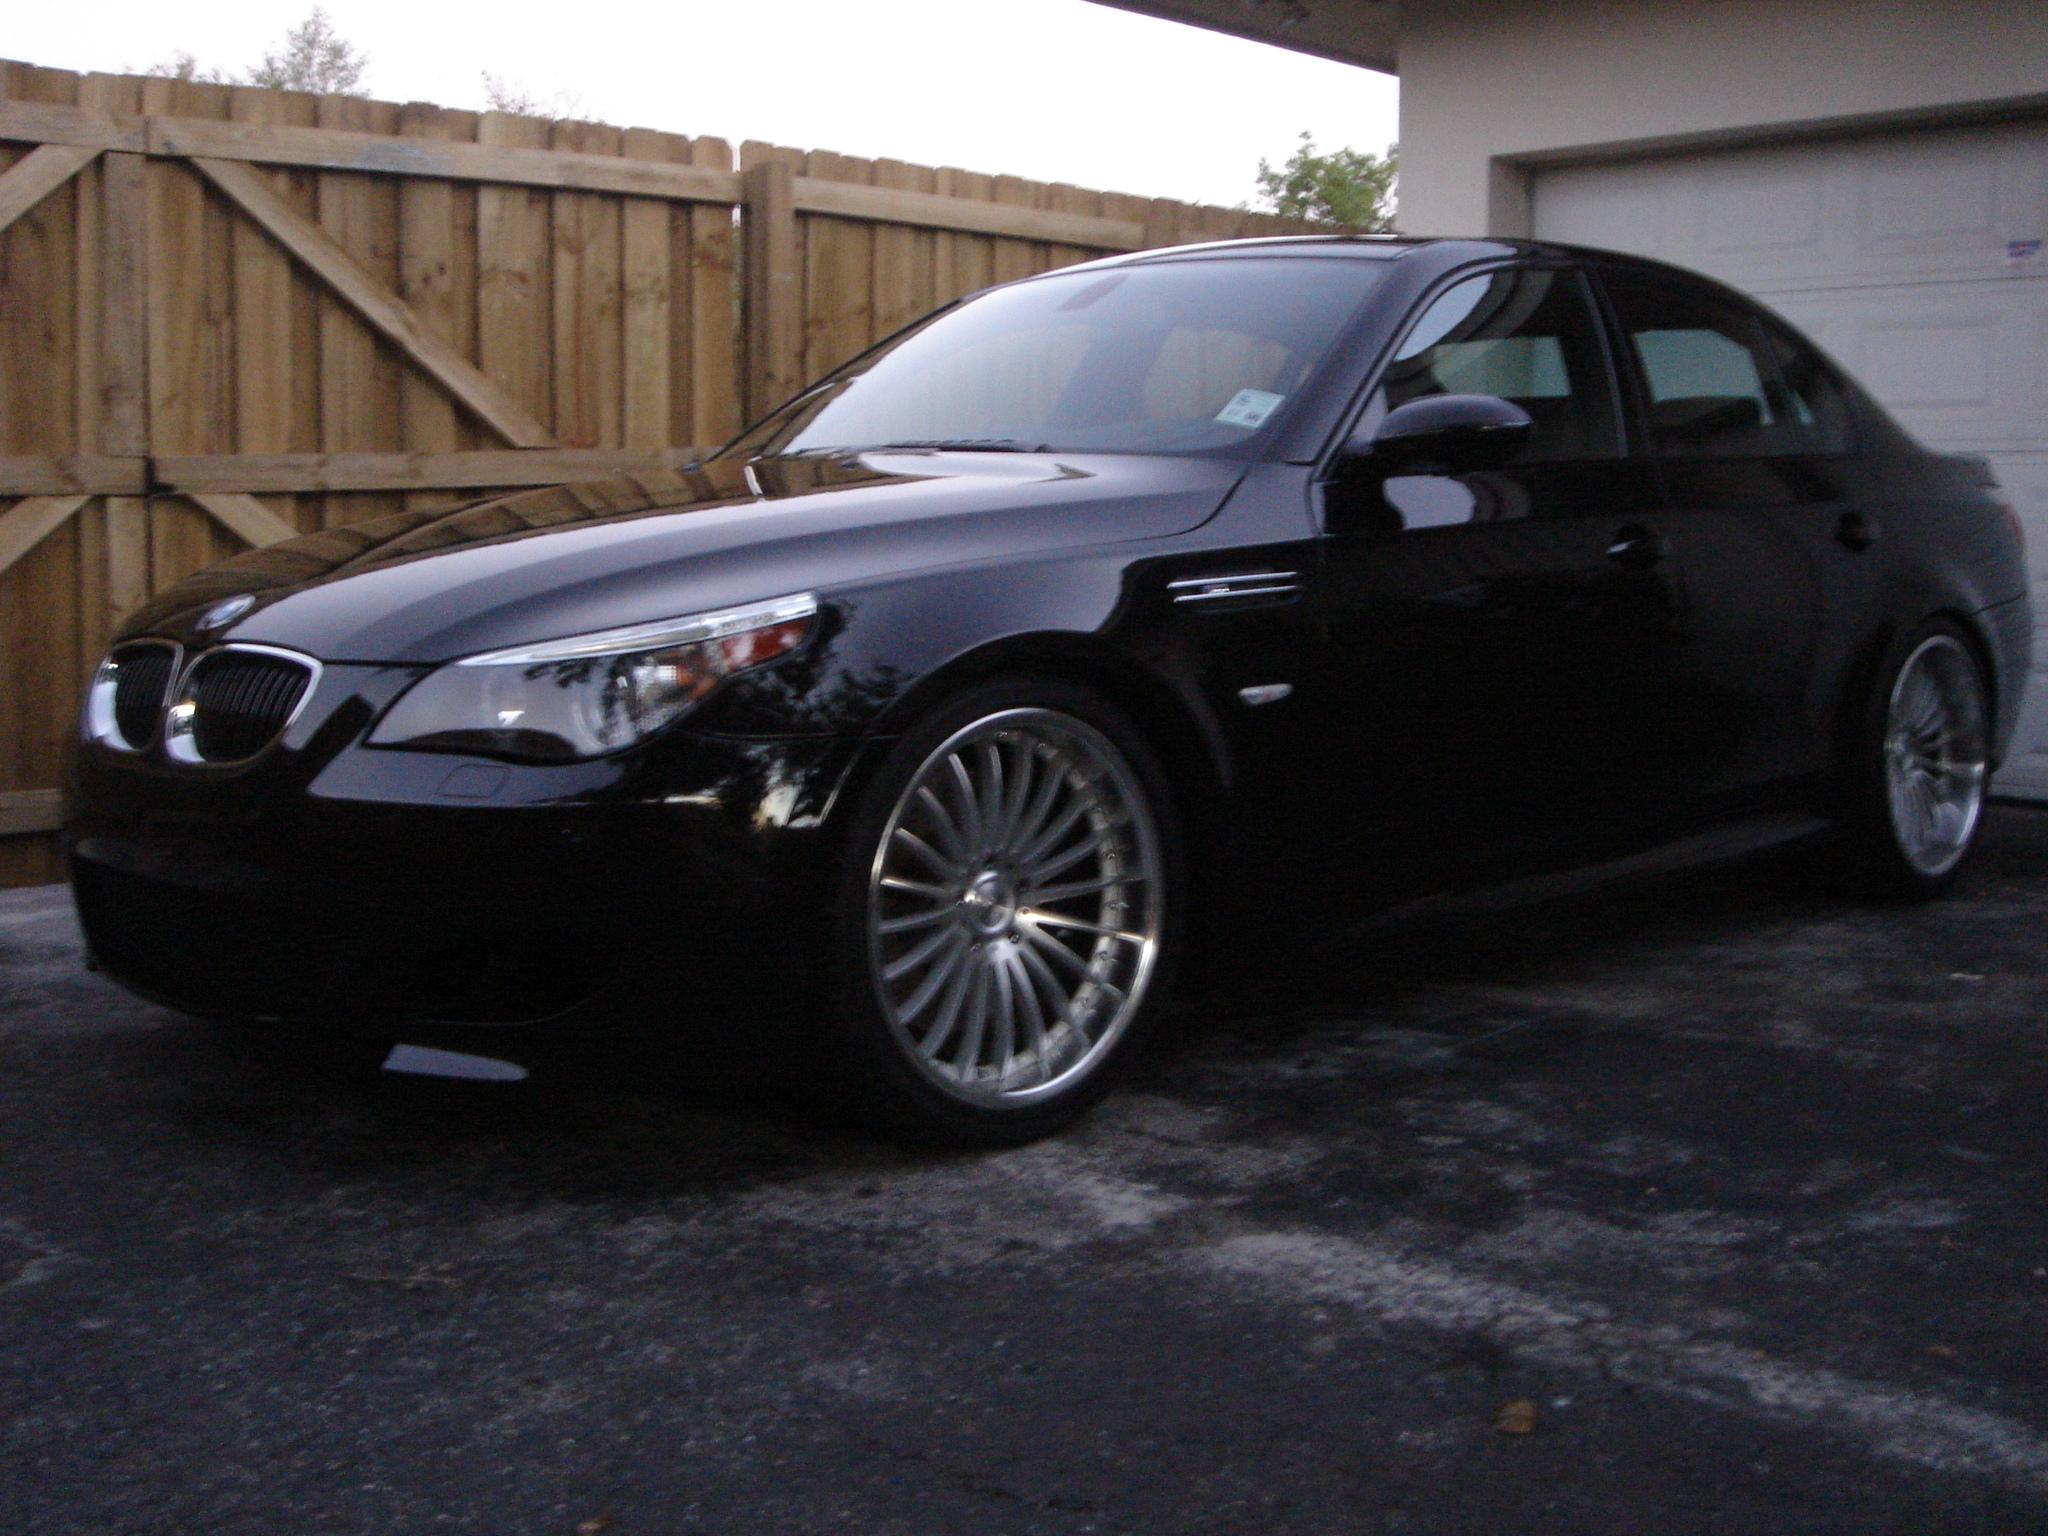 20 inch wheels: